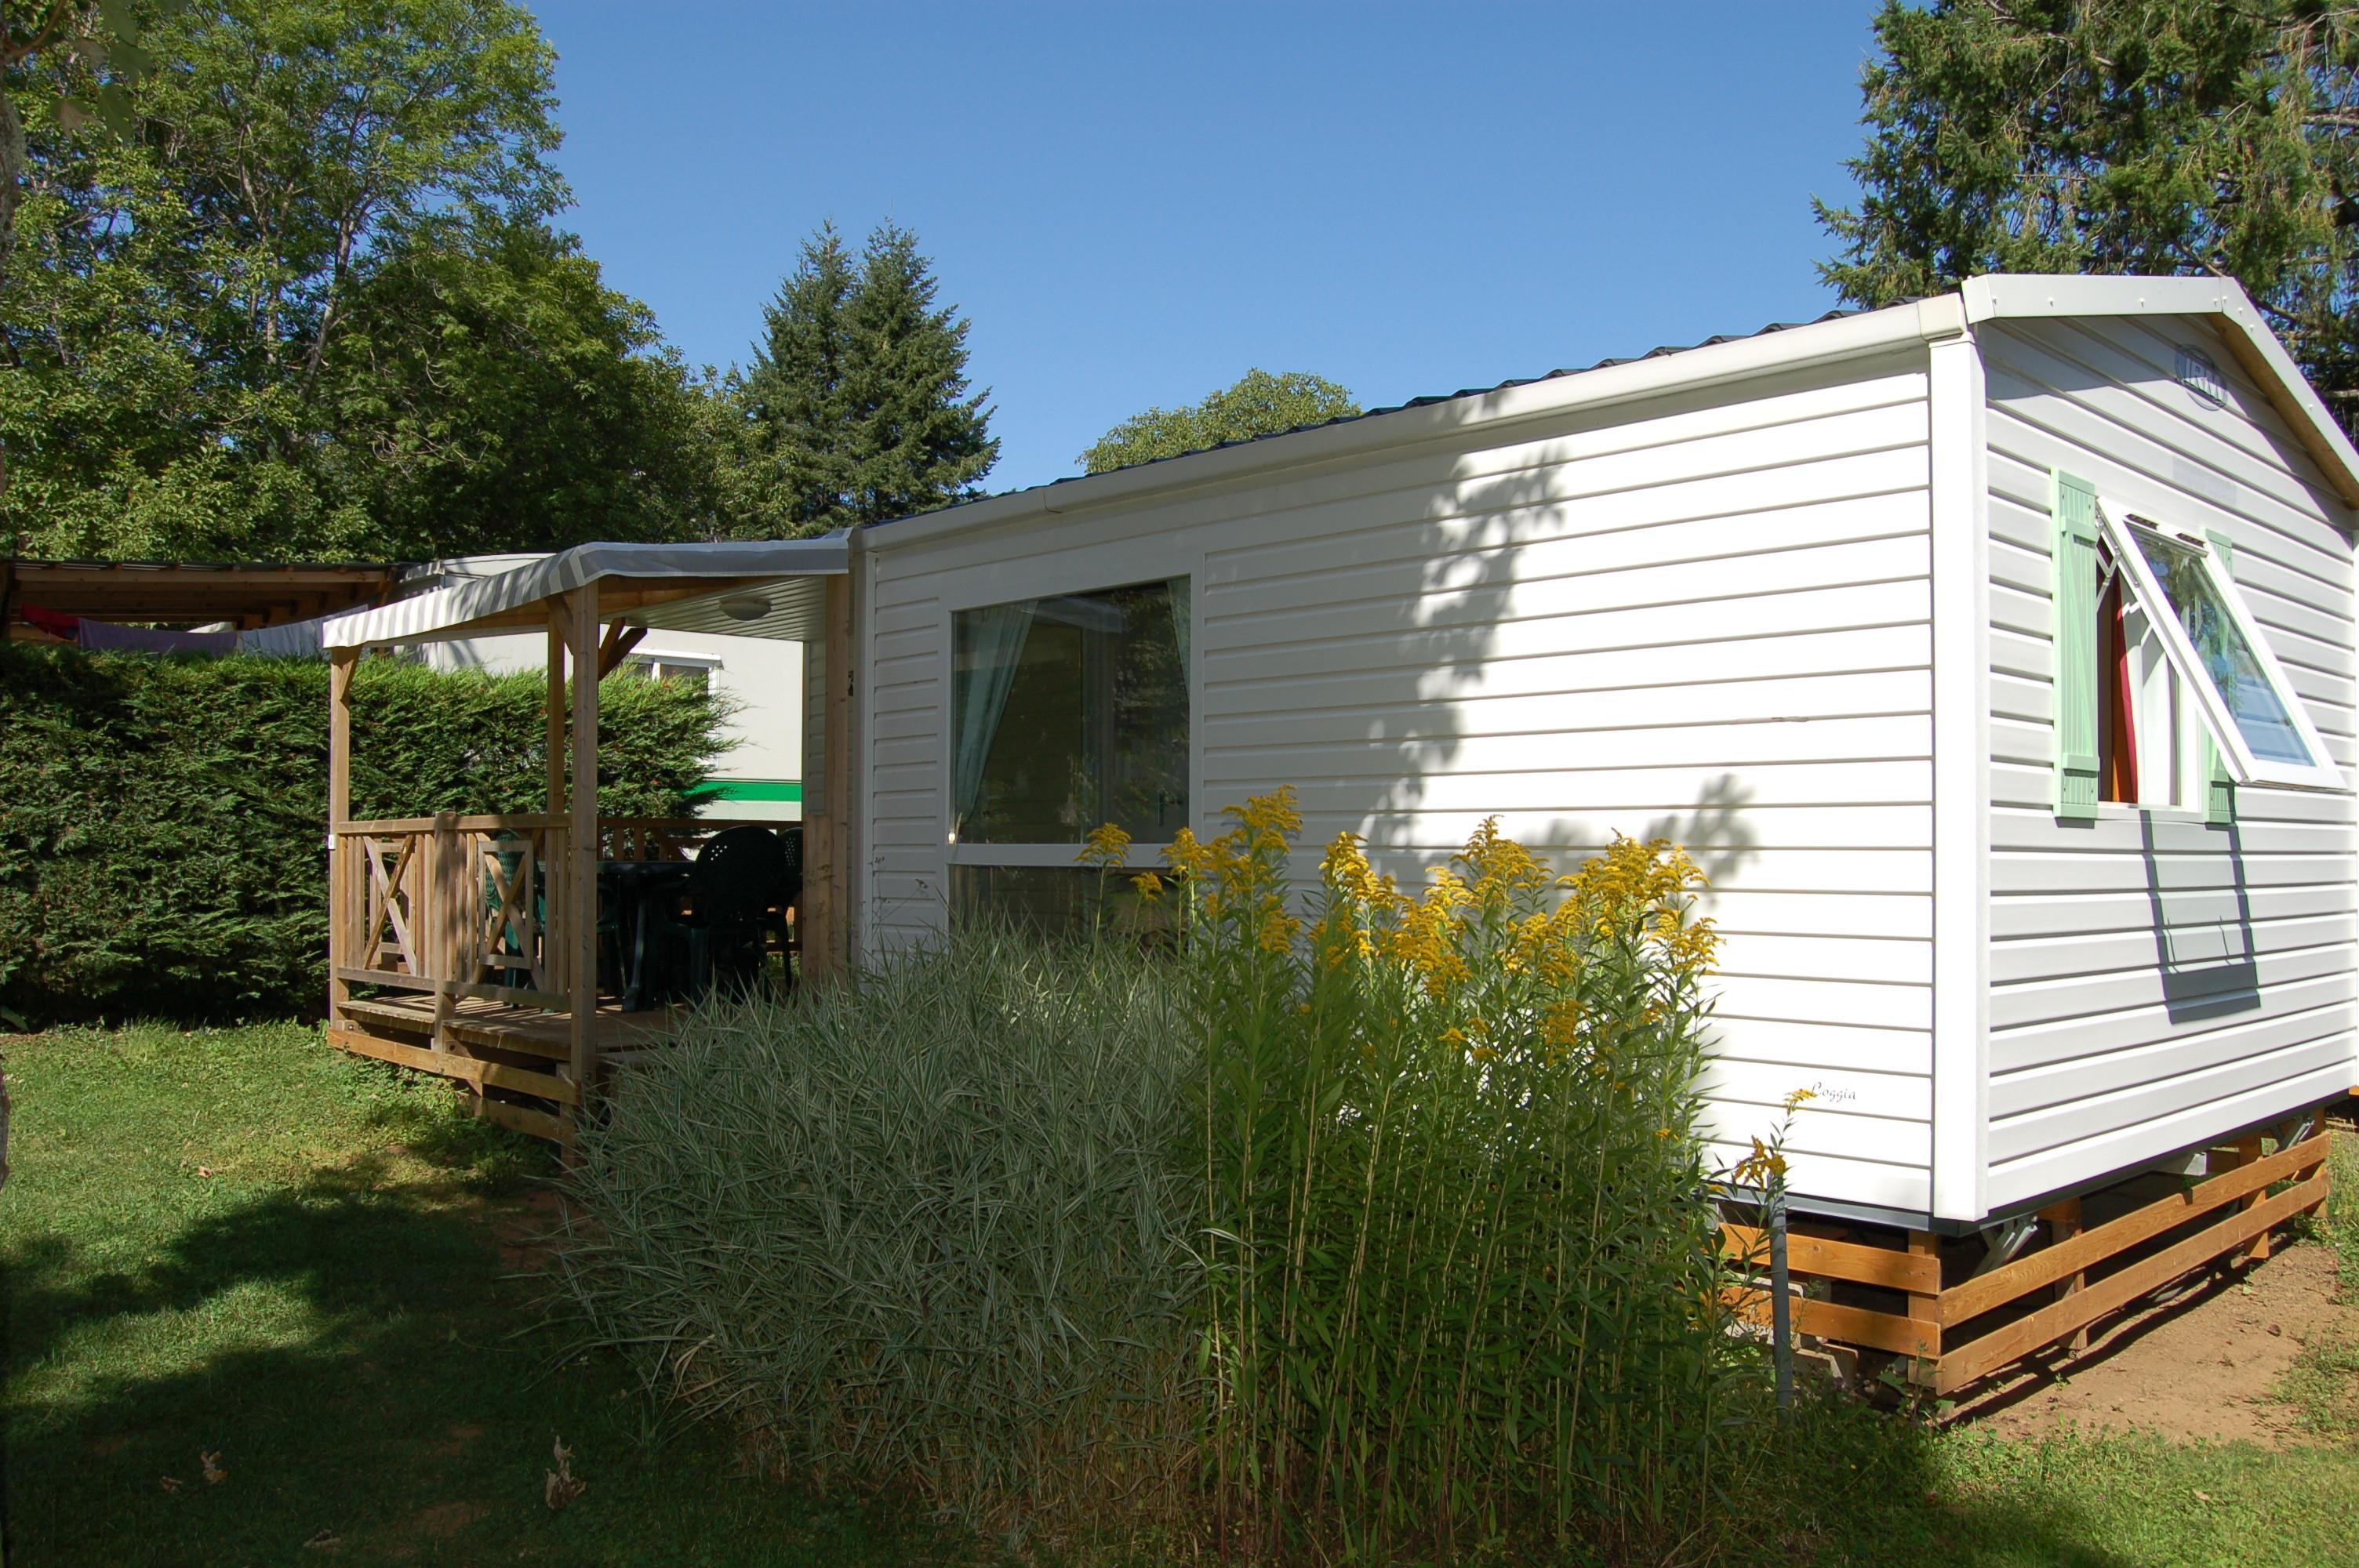 Résidence LOGGIA  - 2 chambres - équipée TV - terrasse intégrale couverte - transat